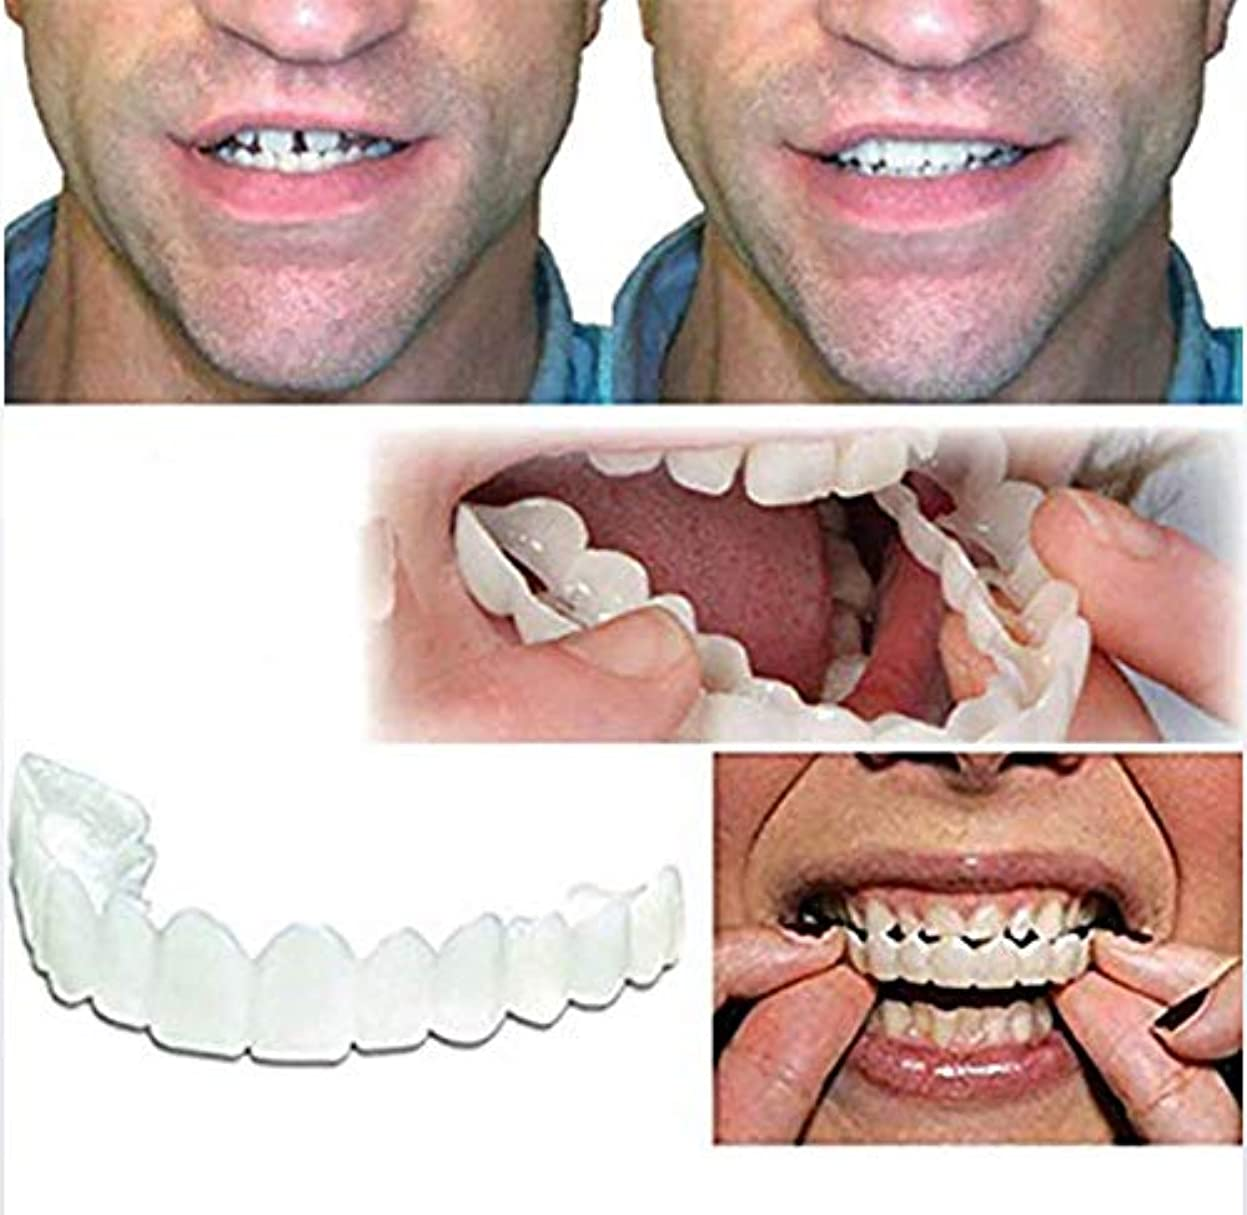 球状準備ができてまともなベニアの歯、化粧用の歯3ピース - 一時的なスマイルコンフォートフィットフレックスコスメティック歯、一サイズは、最も快適なトップとボトムのベニヤにフィット - 歯のベニア